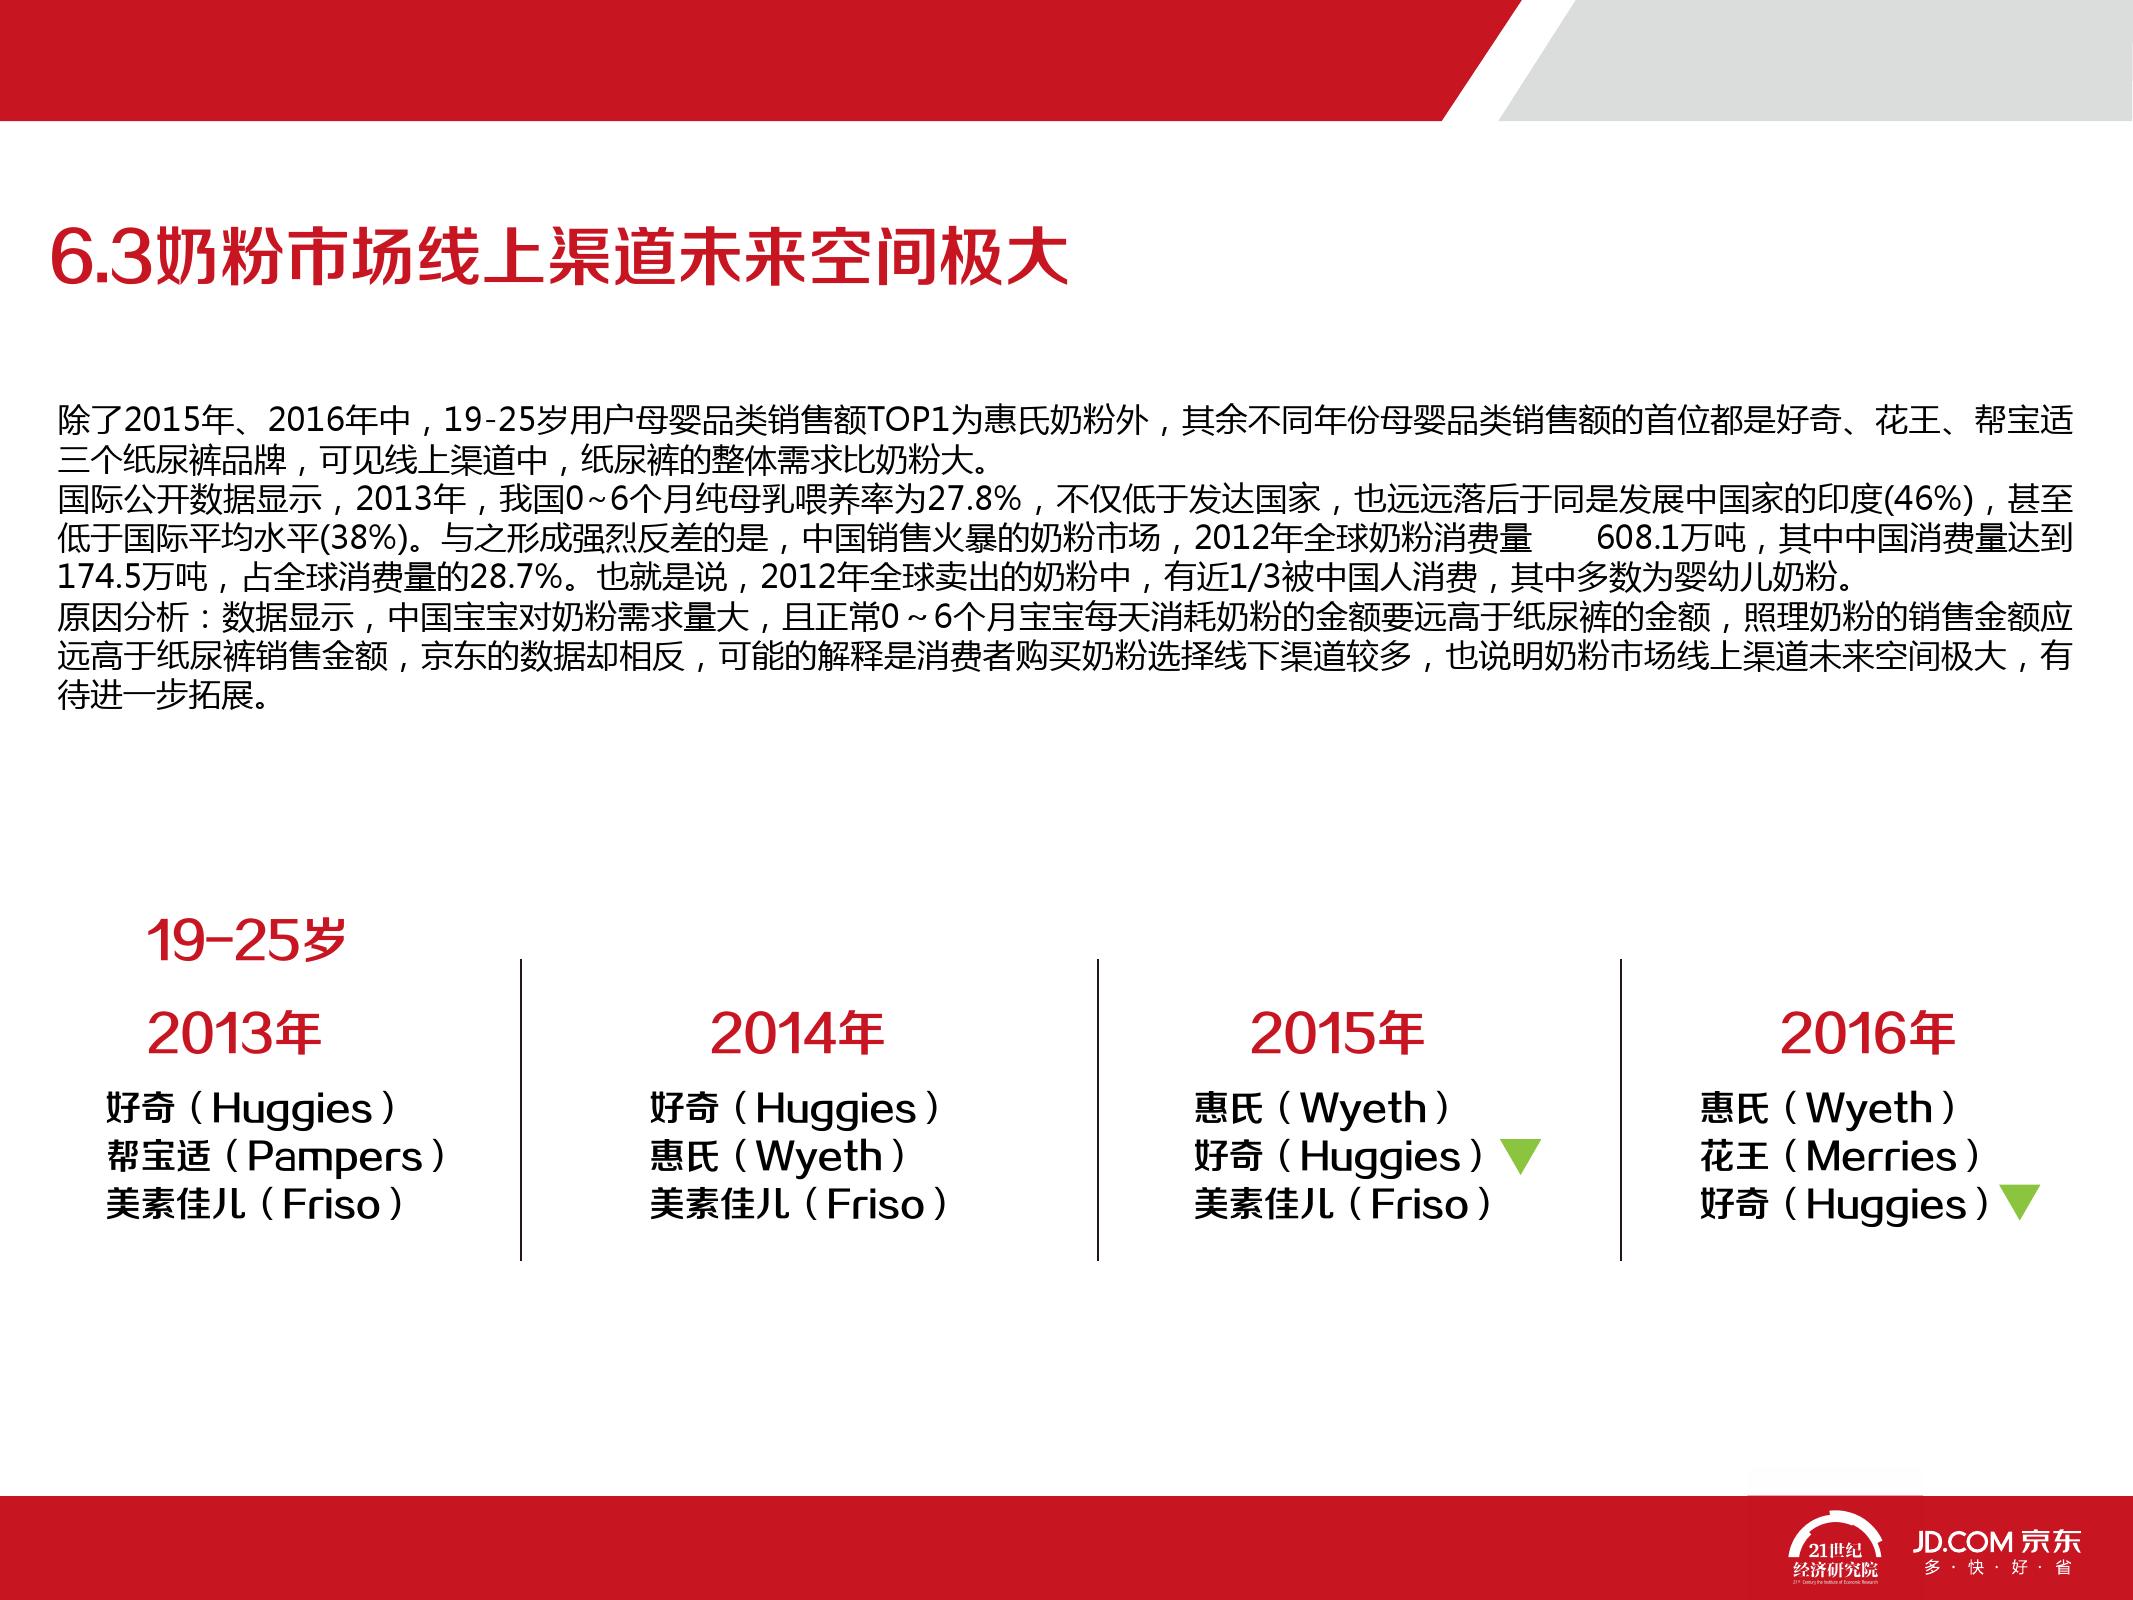 2016中国母婴产品消费趋势报告_000069